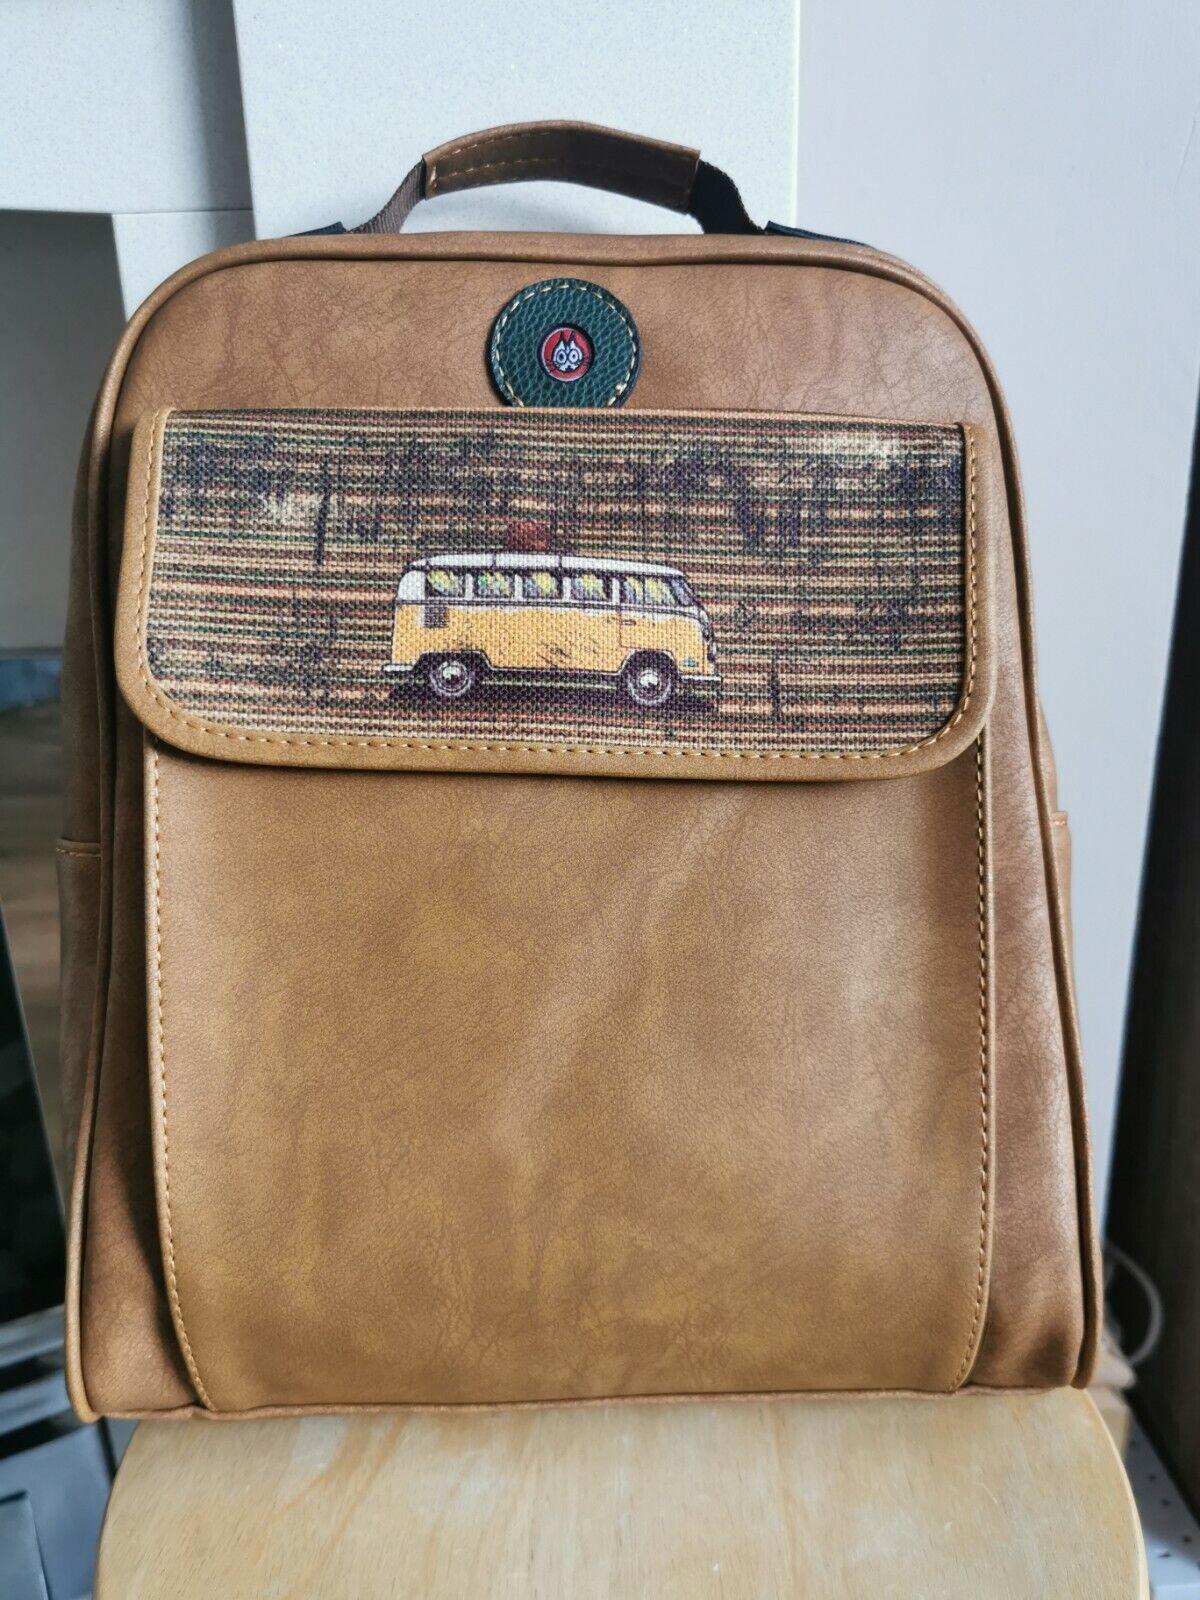 Leather Backpack Men Bag Travel Laptop Shoulder Rucksack School Collage Vintage